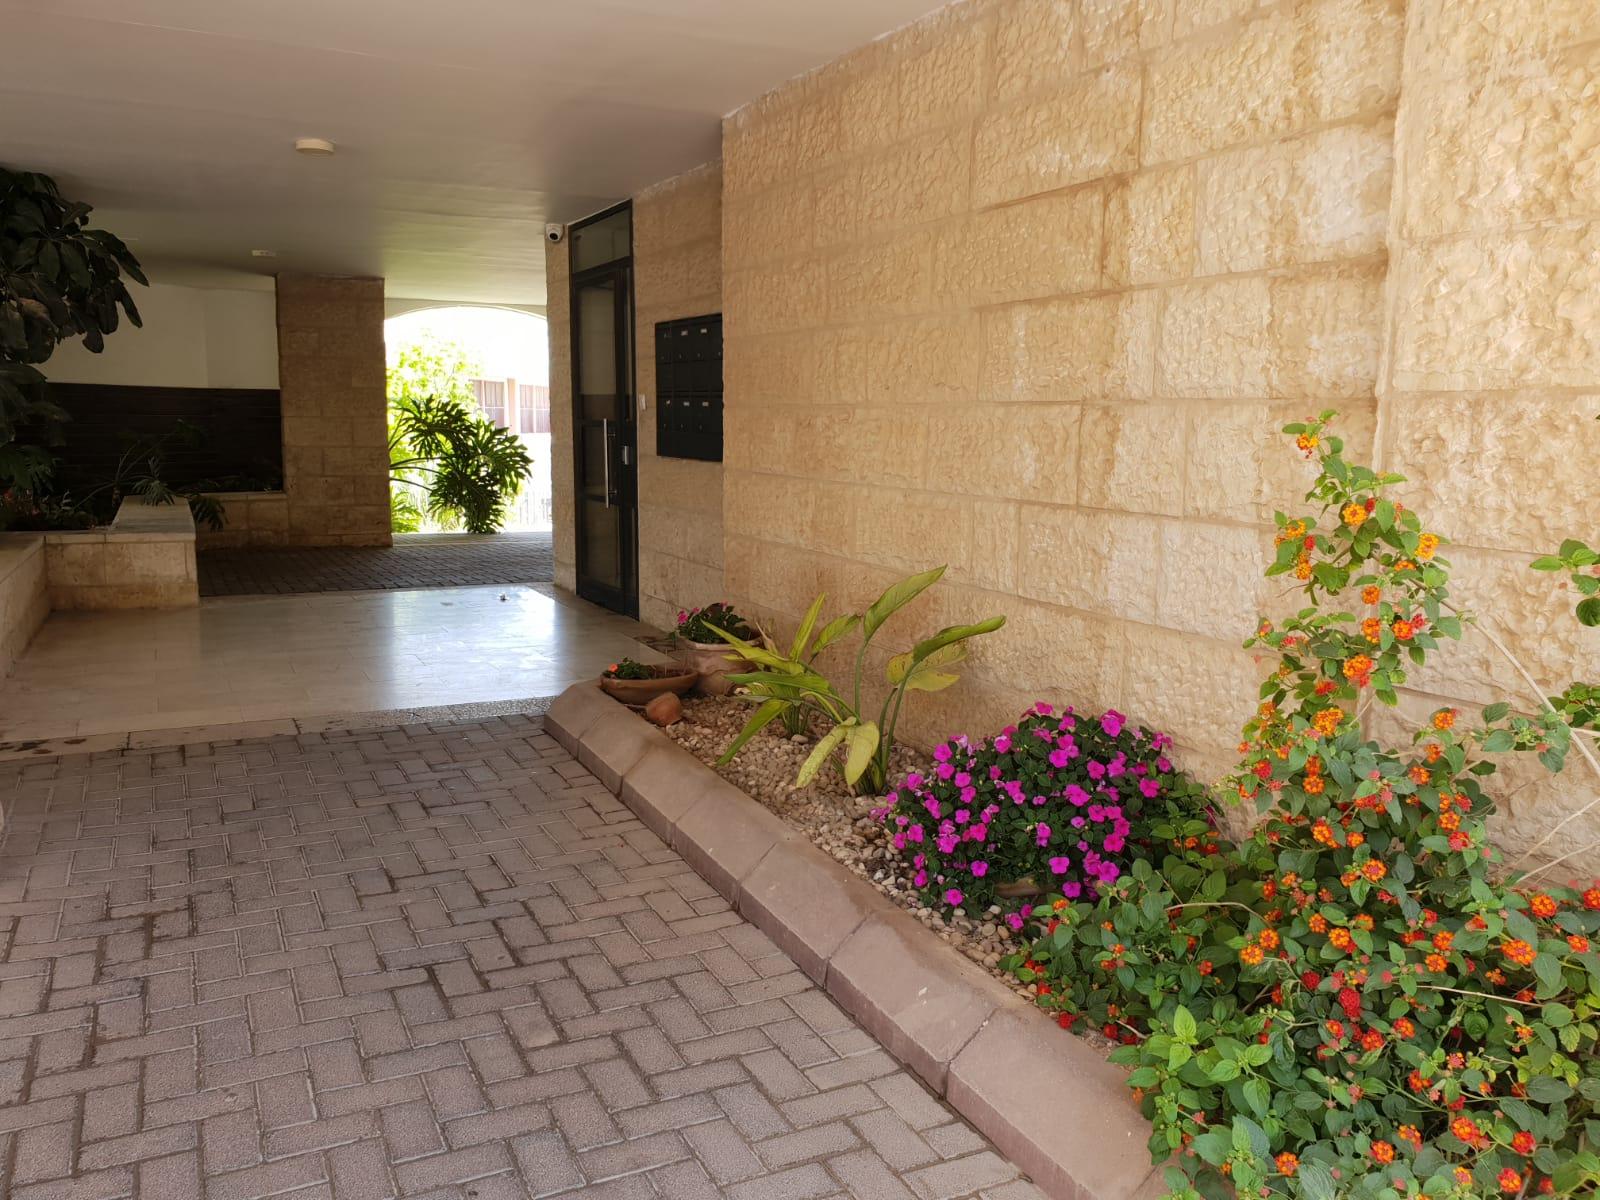 הכניסה לבניין ברחוב אריה דולצ'ין, גבעת משואה (צילום: אייל שאולוף)